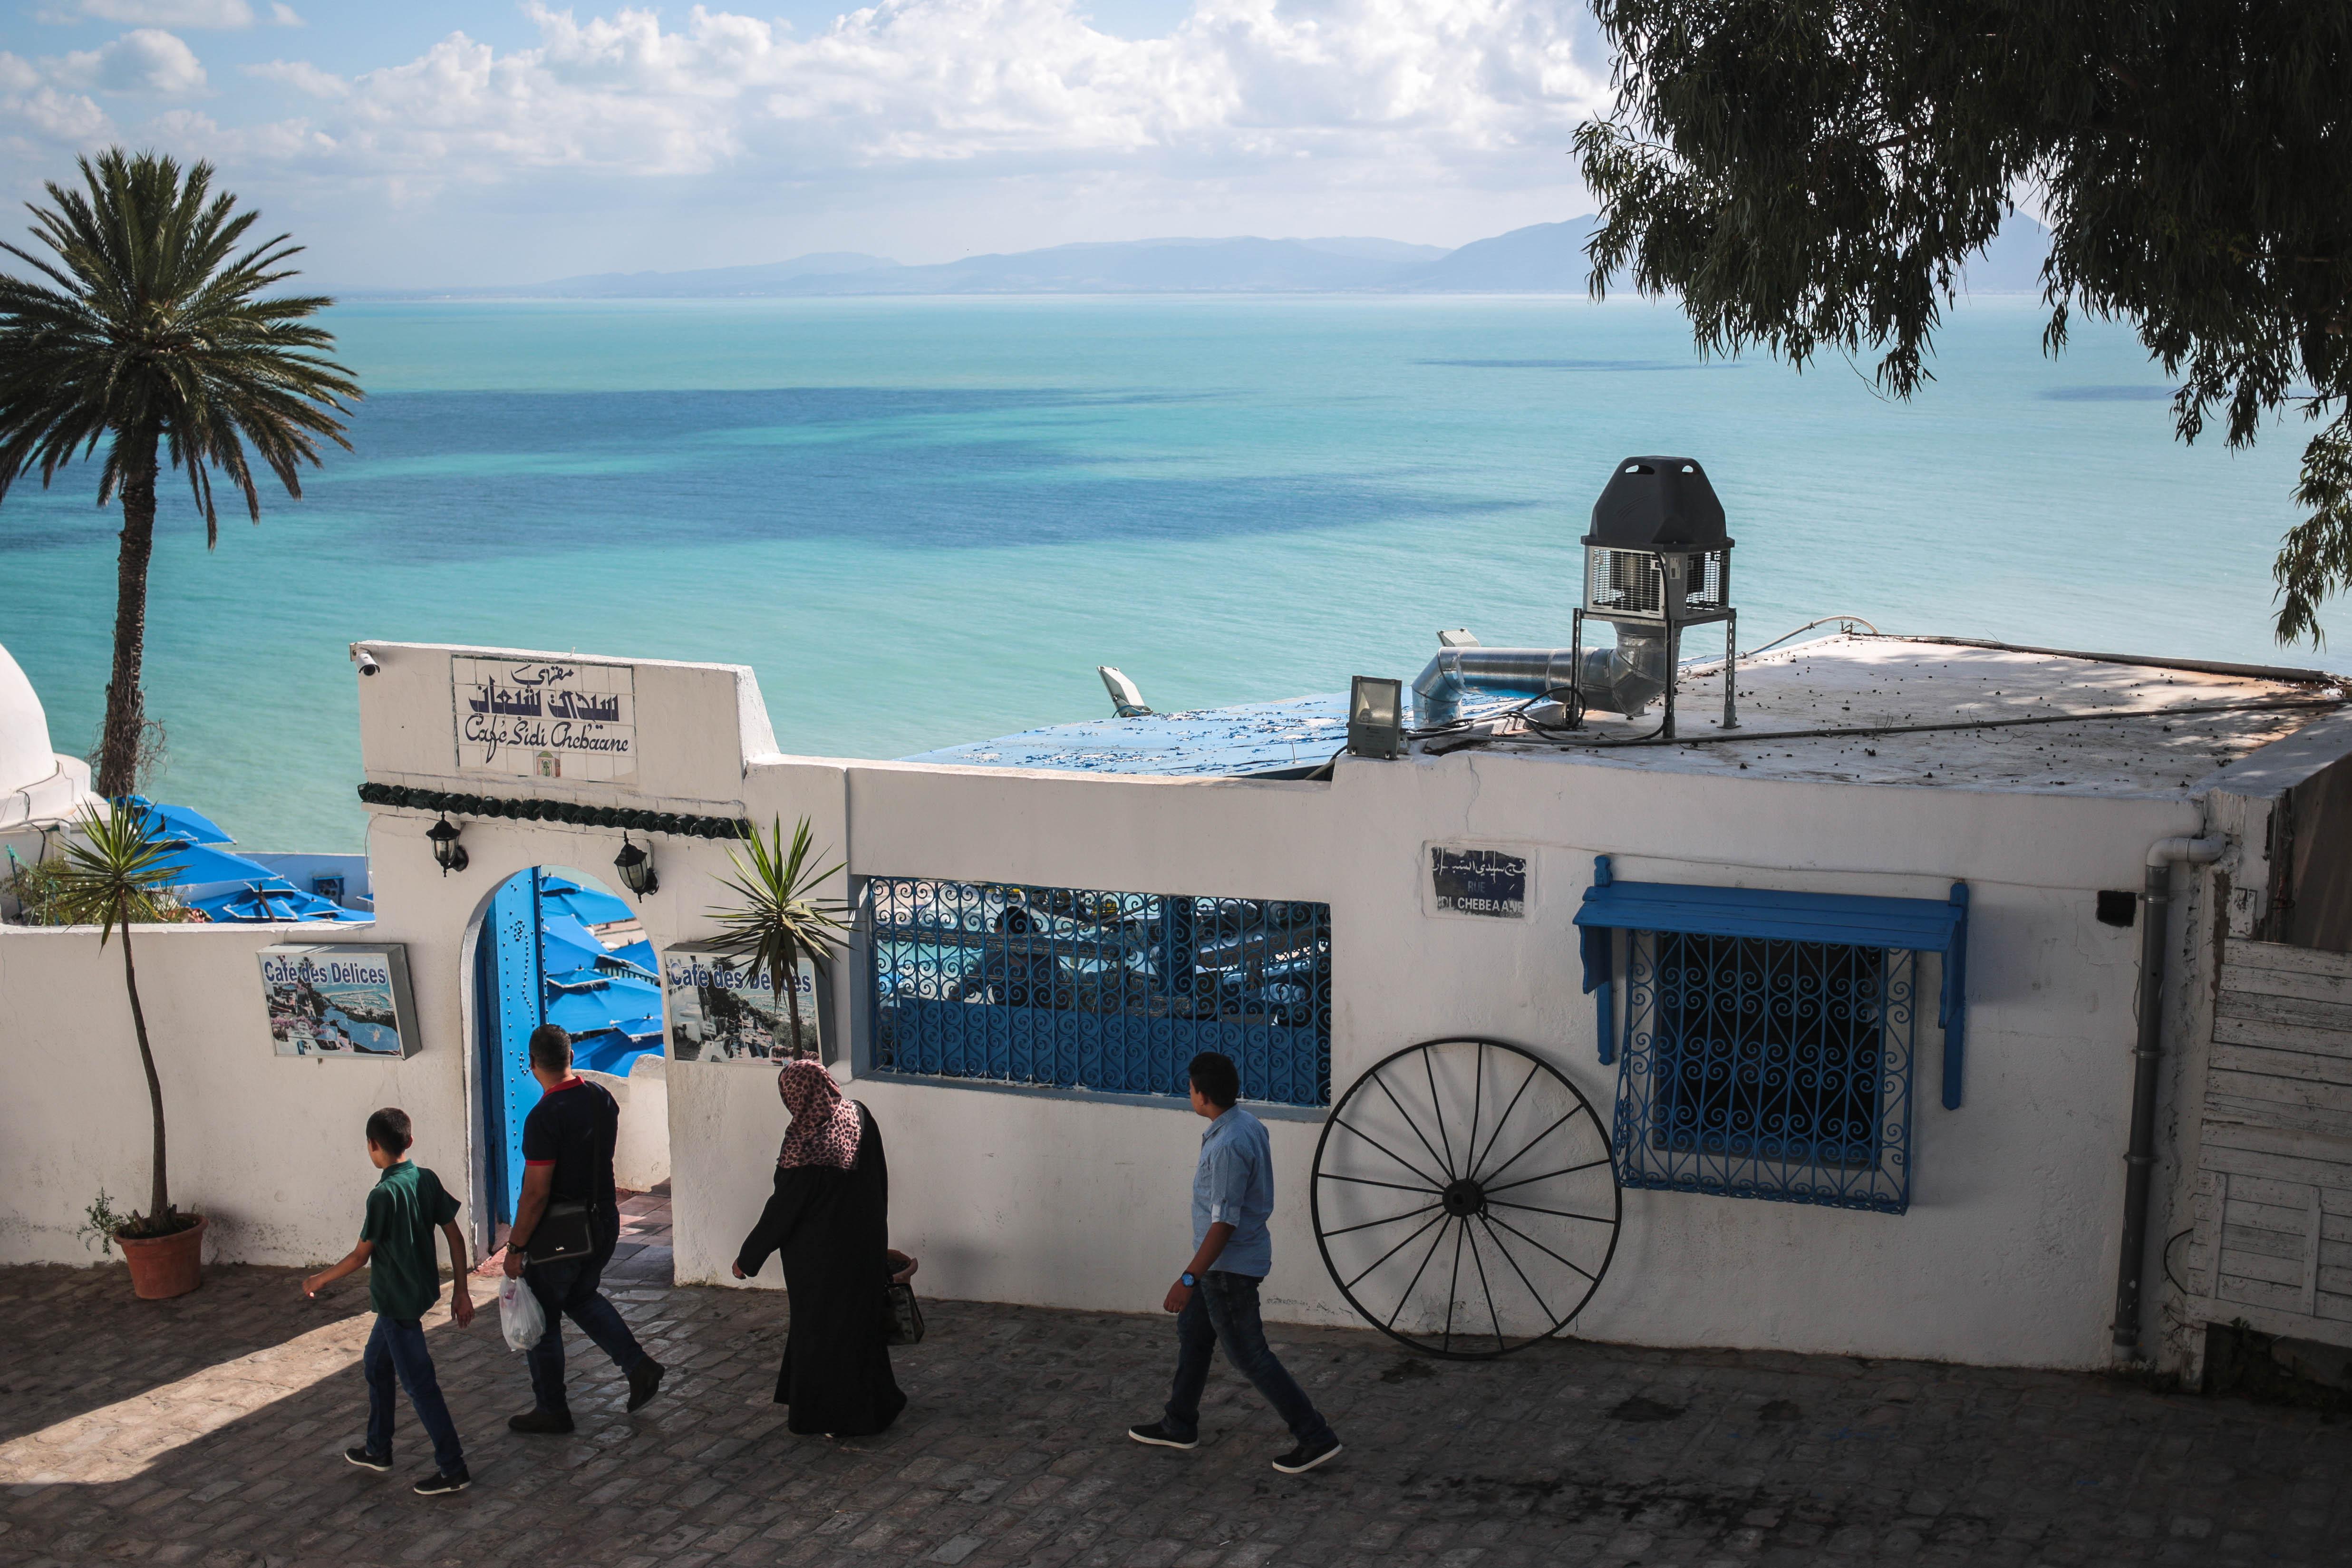 Tunesië-Het is er tegenwoordig wat minder veilig, maar het land blijft verbluffend mooi. Aan de kust zijn er heerlijke stranden en in het binnenland vind je er sprookjesachtige woestijnen. (AP Photo/Mosa'ab Elshamy)